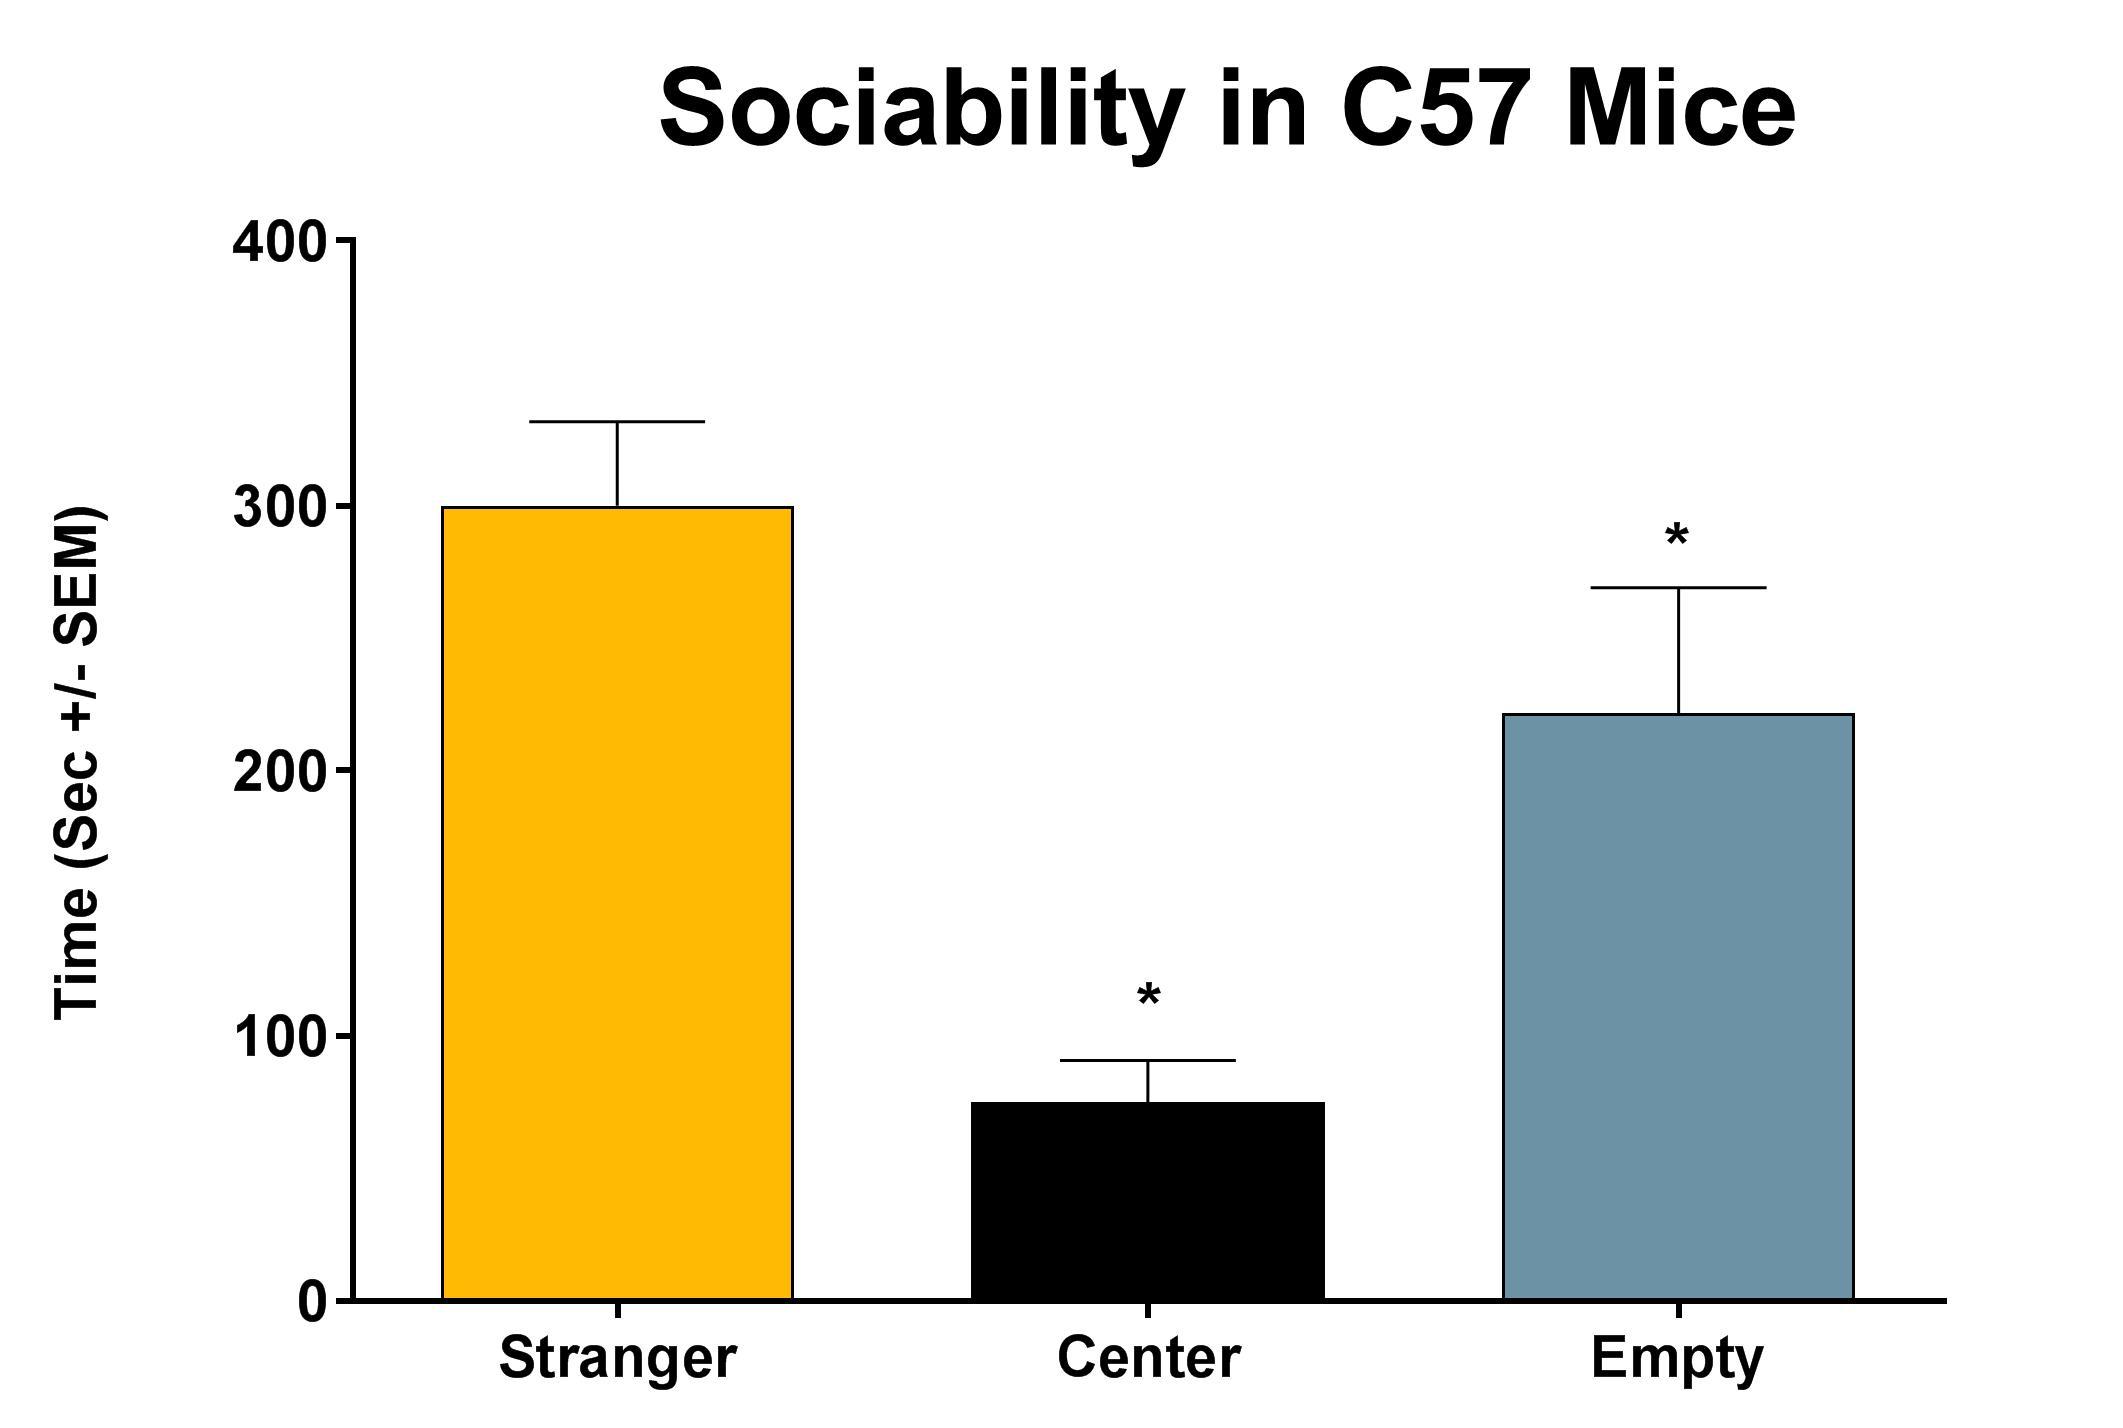 Sociability in C57 Mice